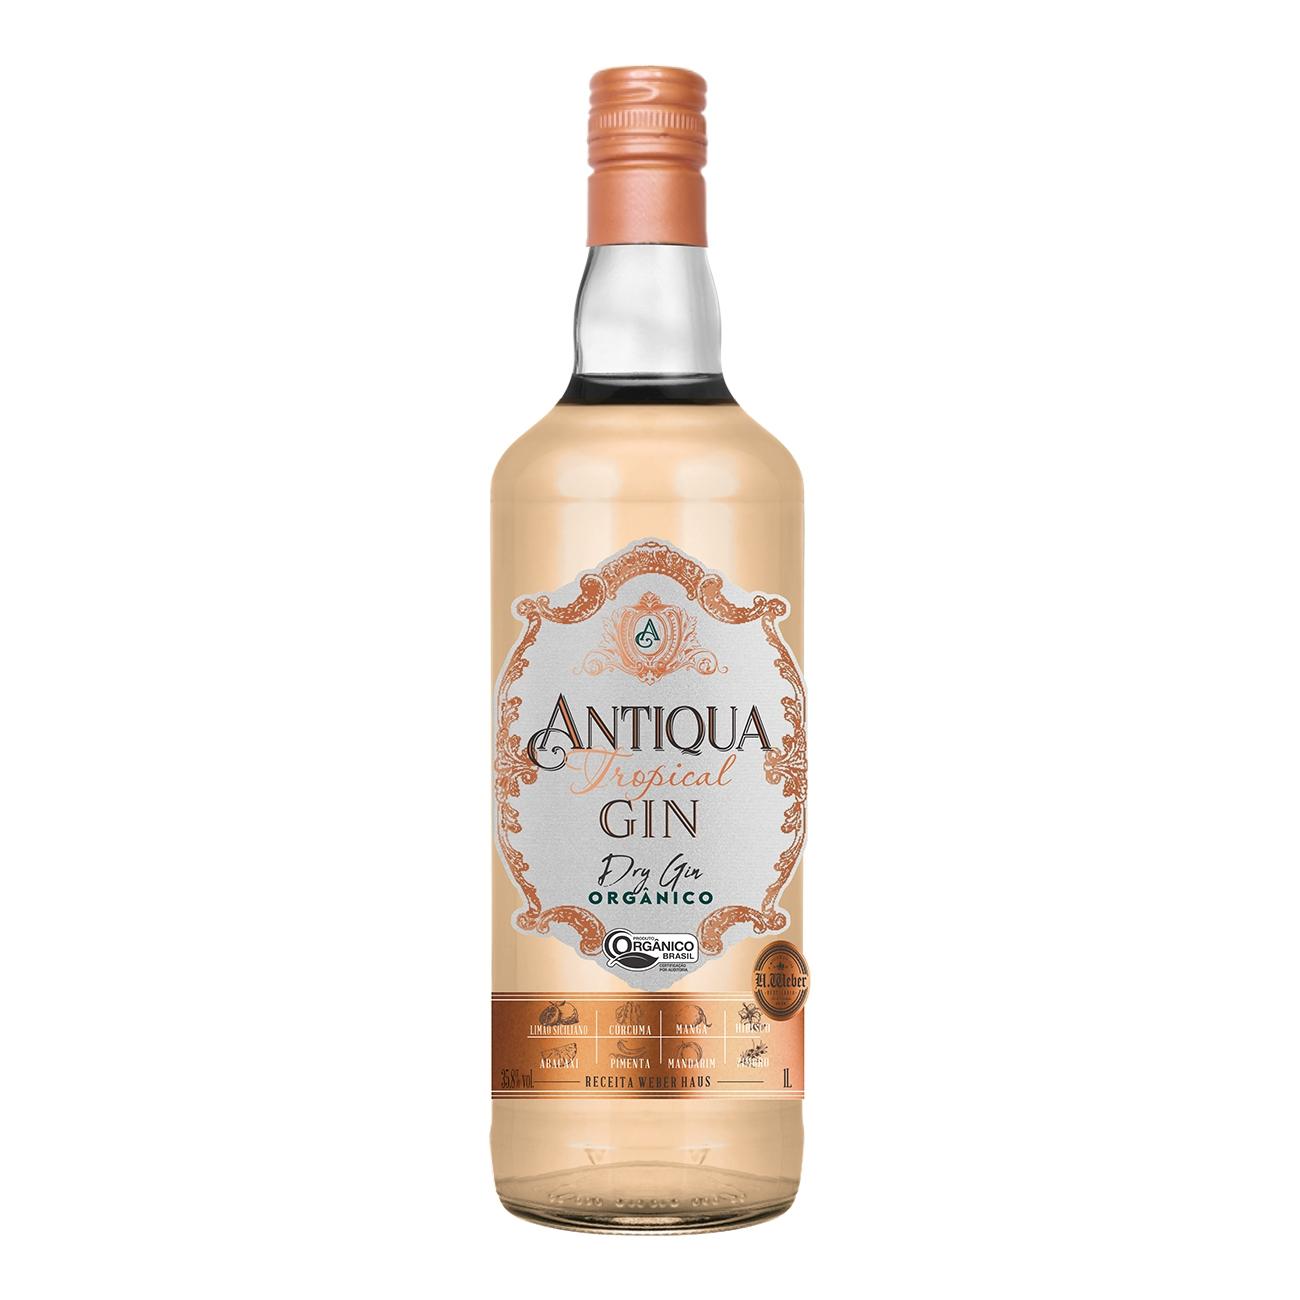 Antiqua Tropical Gin Orgânico - 1L